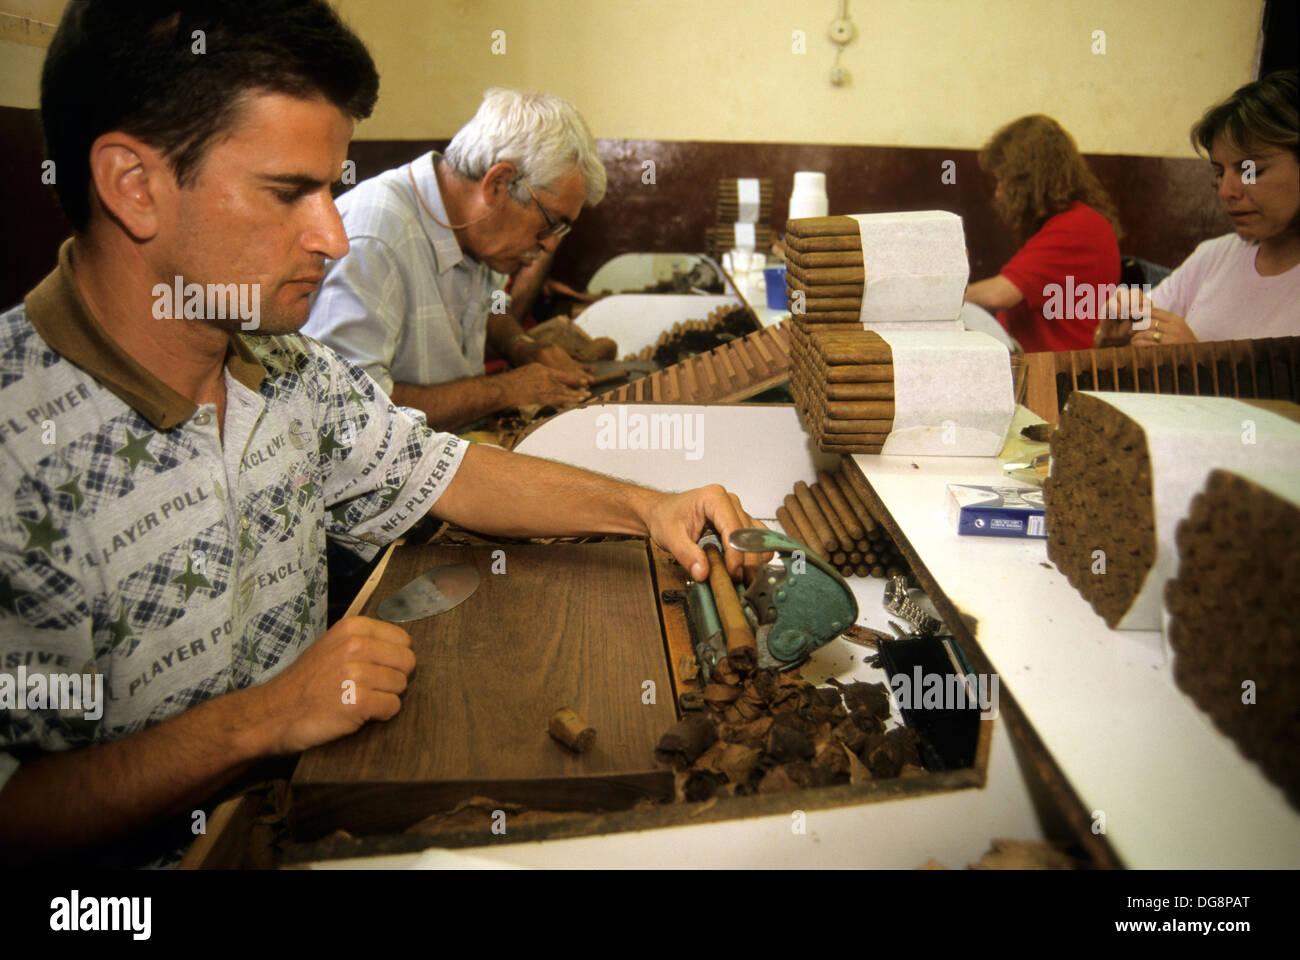 Herstellung von Zigarren, La Palma, Kanarische Inseln, spanischen Inselgruppe im Atlantischen Ozean Stockbild